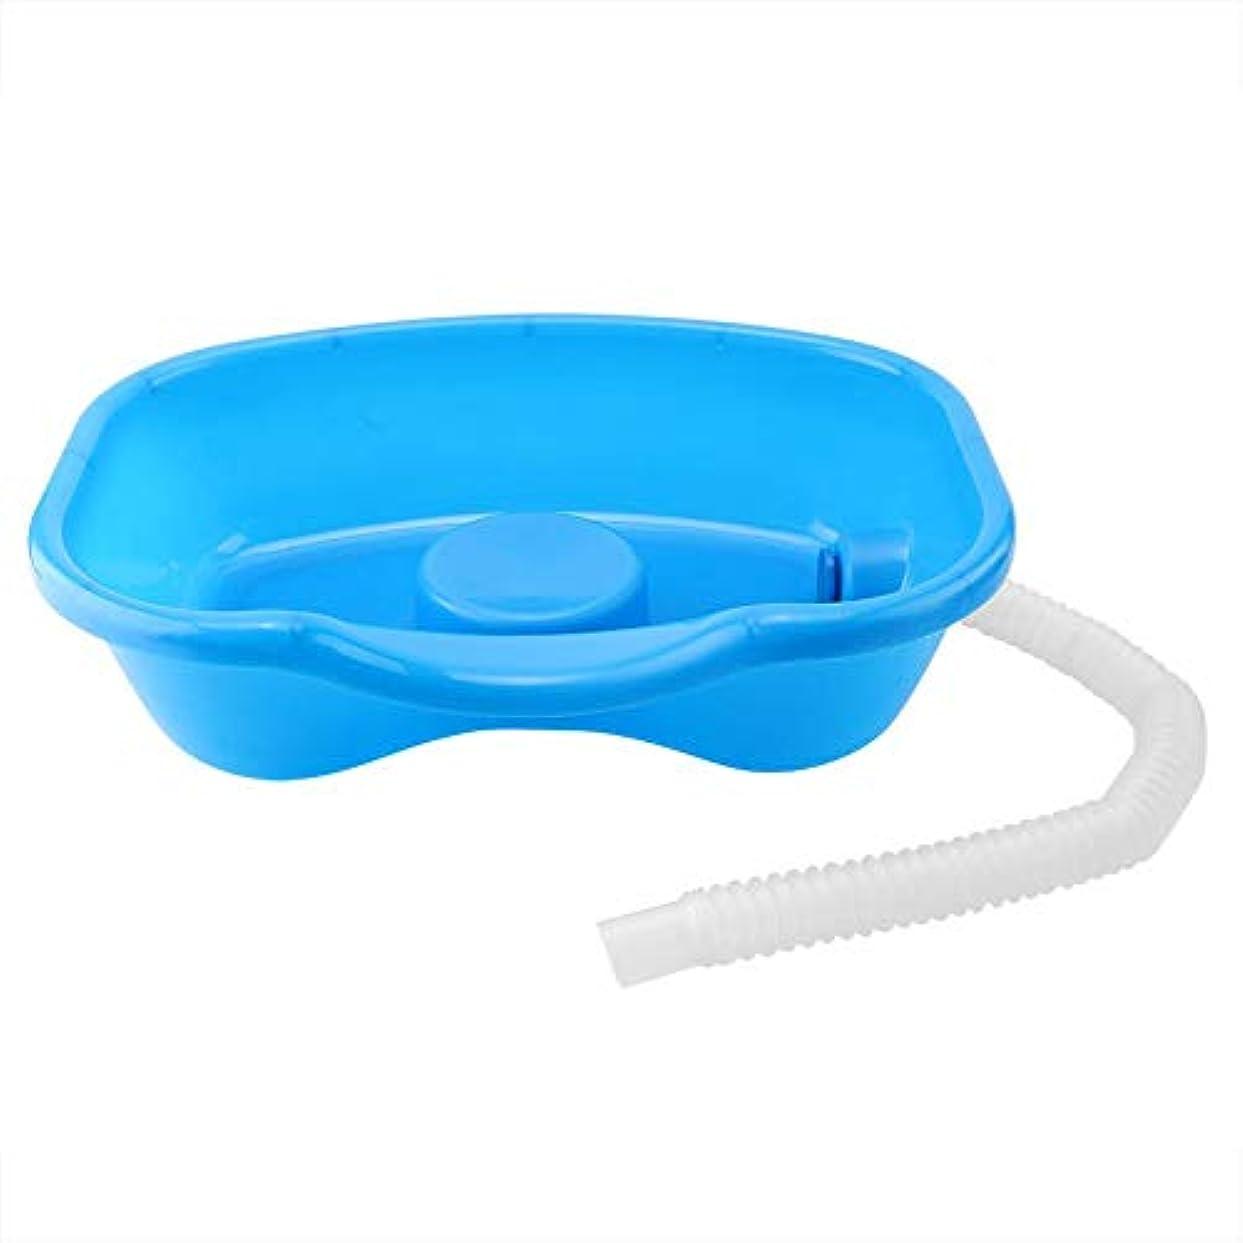 目立つ動揺させる立法シャンプー洗面器、医療障害者用シャンプー洗面器厚いベッド洗髪皿プラスチックシャンプー洗面器